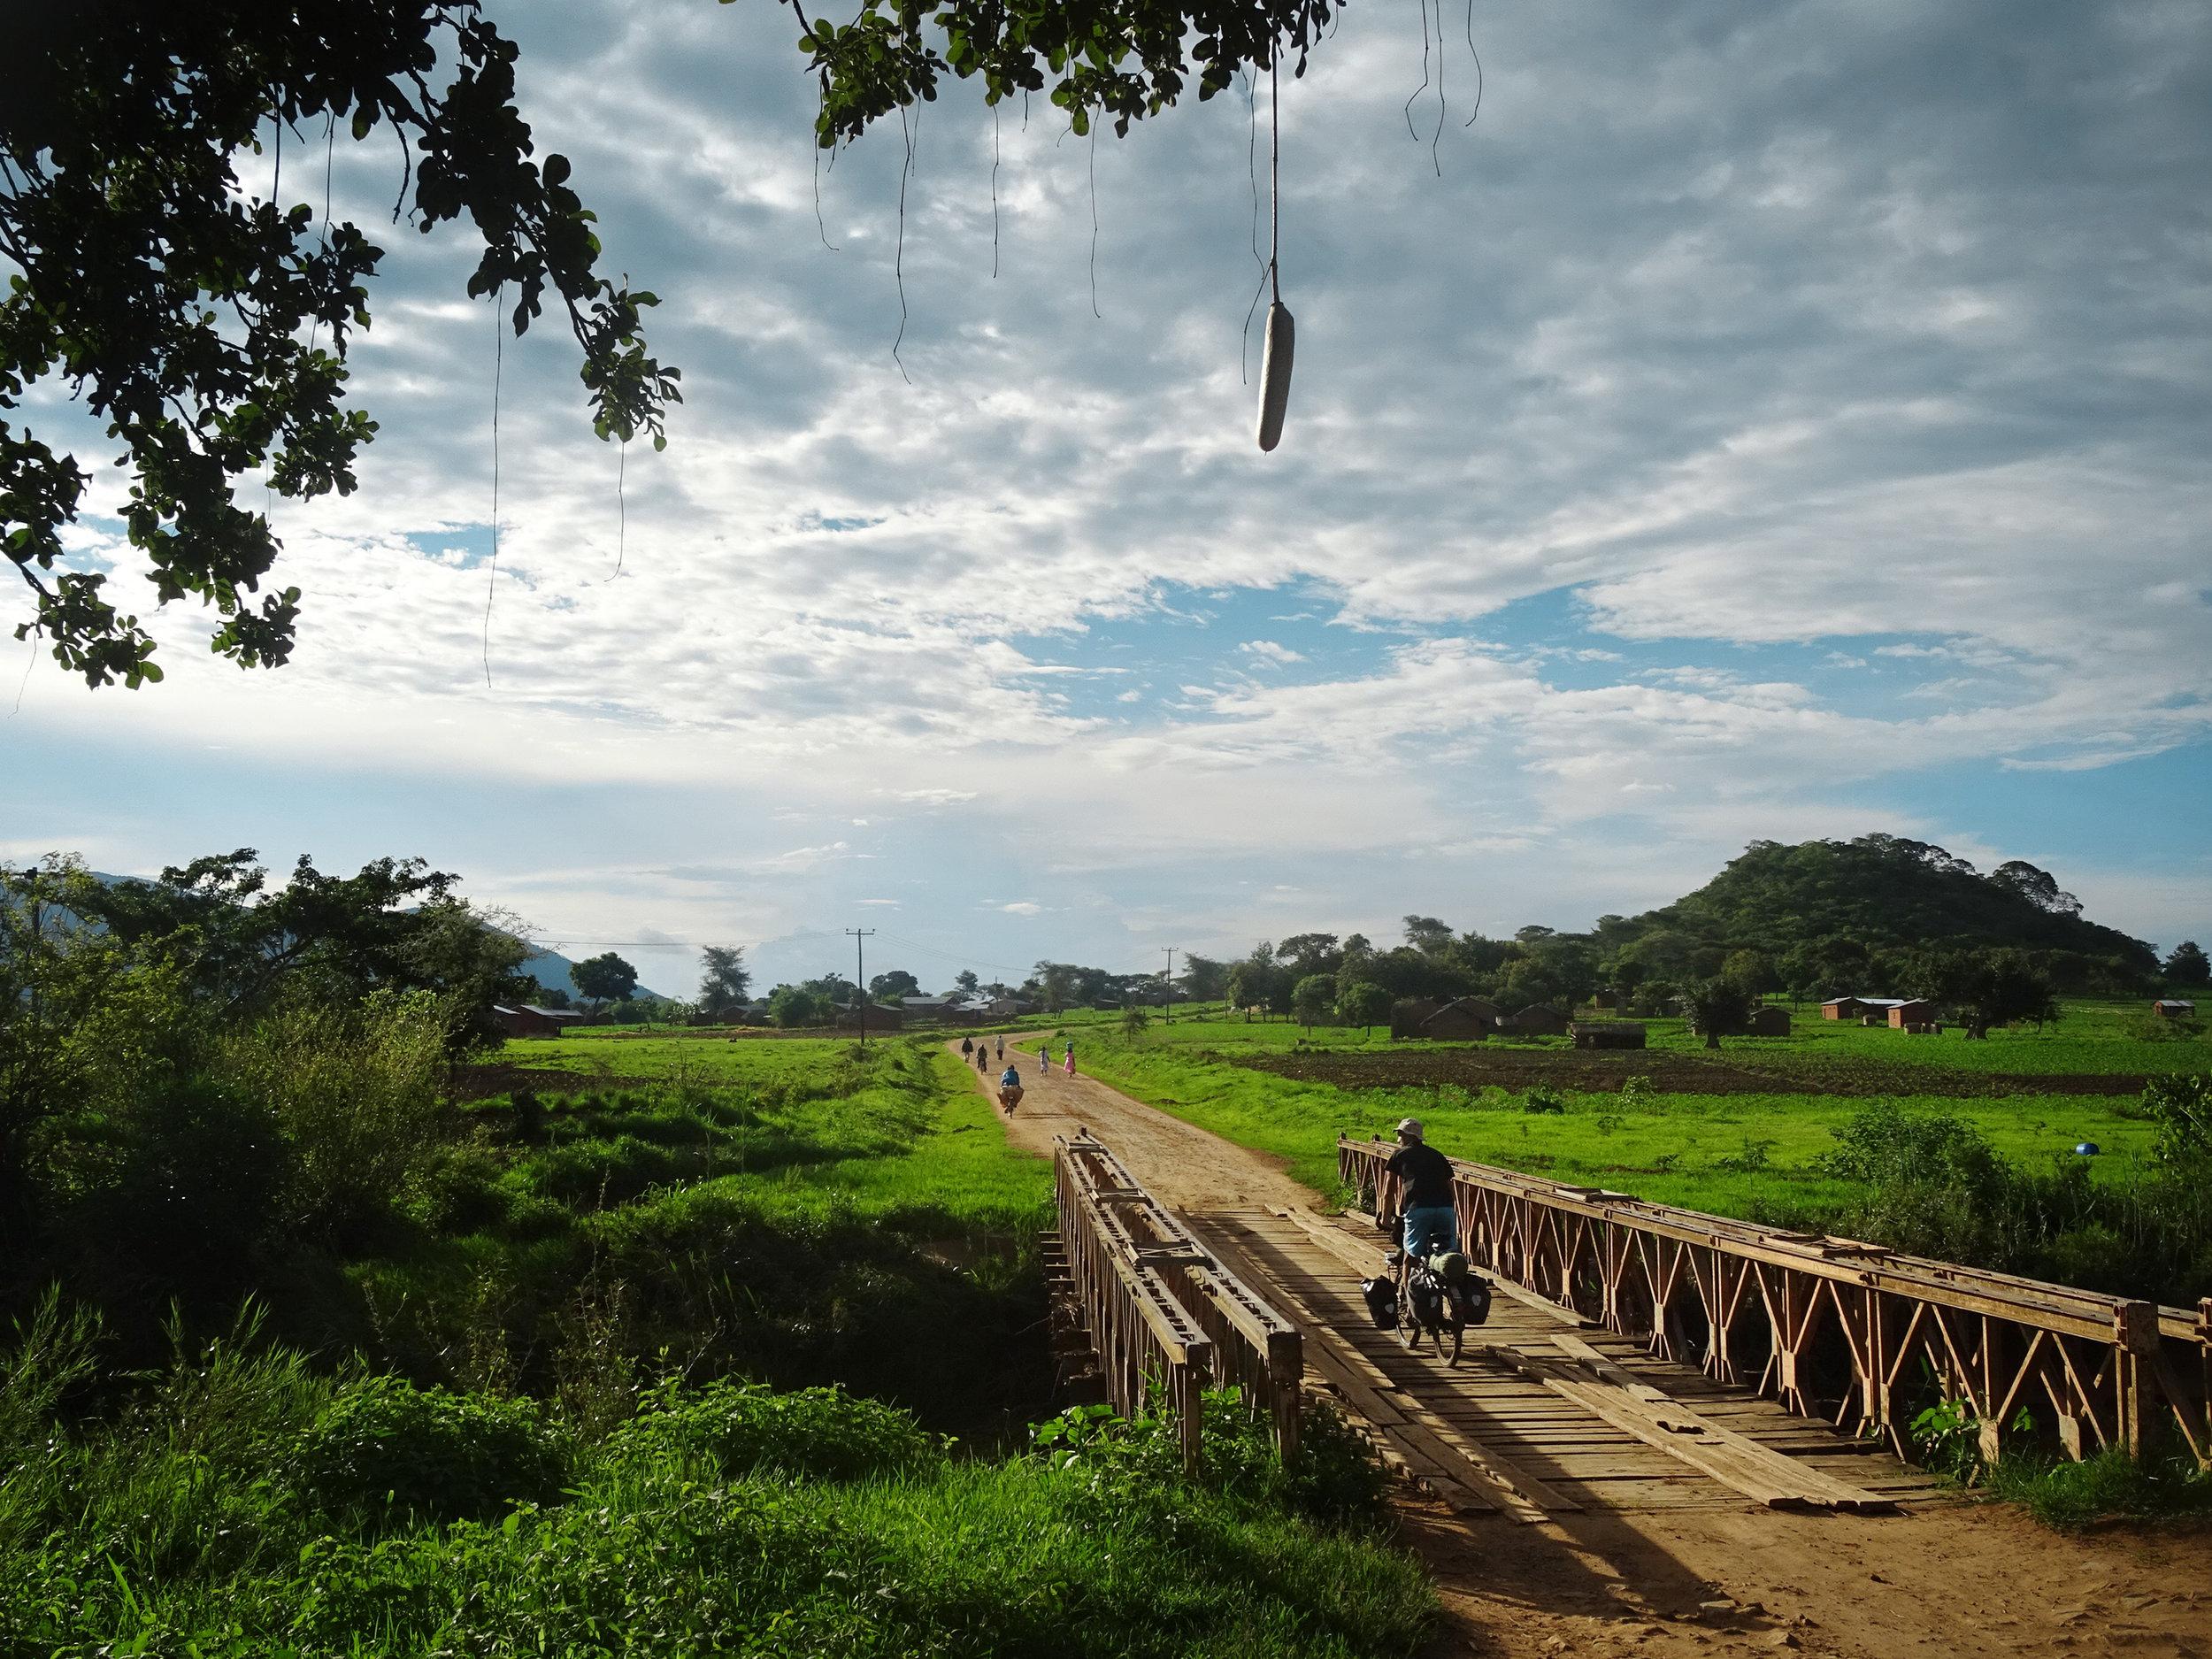 Im fruchbaren Hochland von Burundi suchen wir einen Ort zum Zelten.jpg